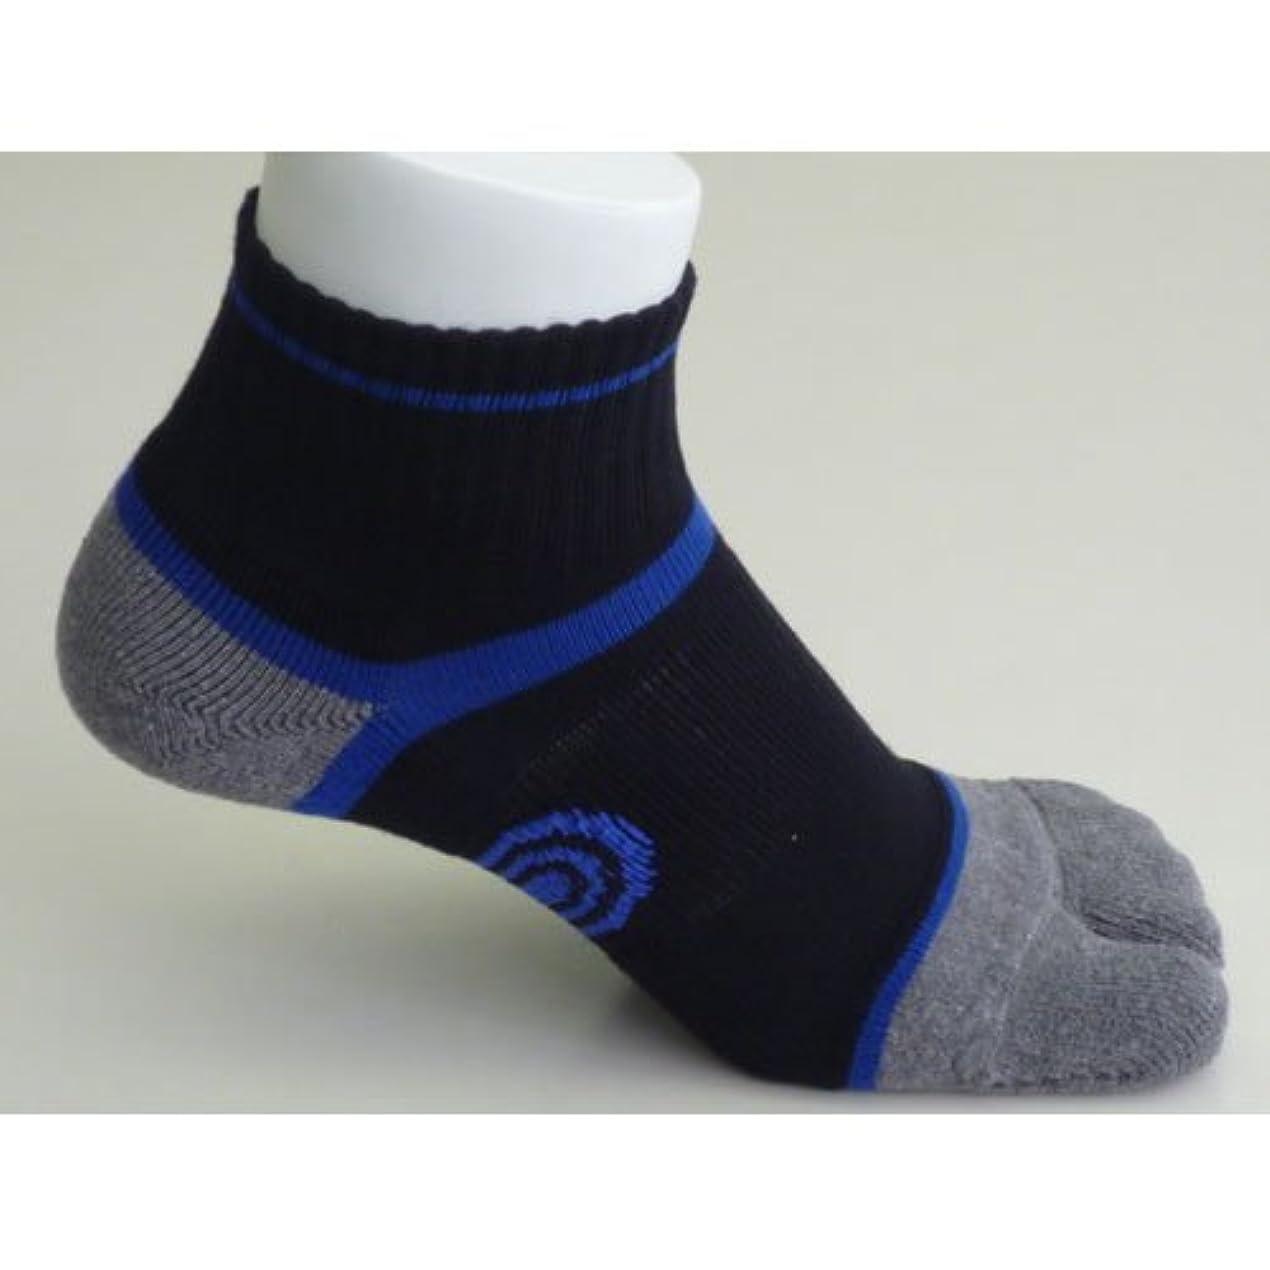 説明的カウンタカウンタ草鞋ソックス M(25-27cm)ブルー 【わらじソックス】【炭の靴下】【足袋型】